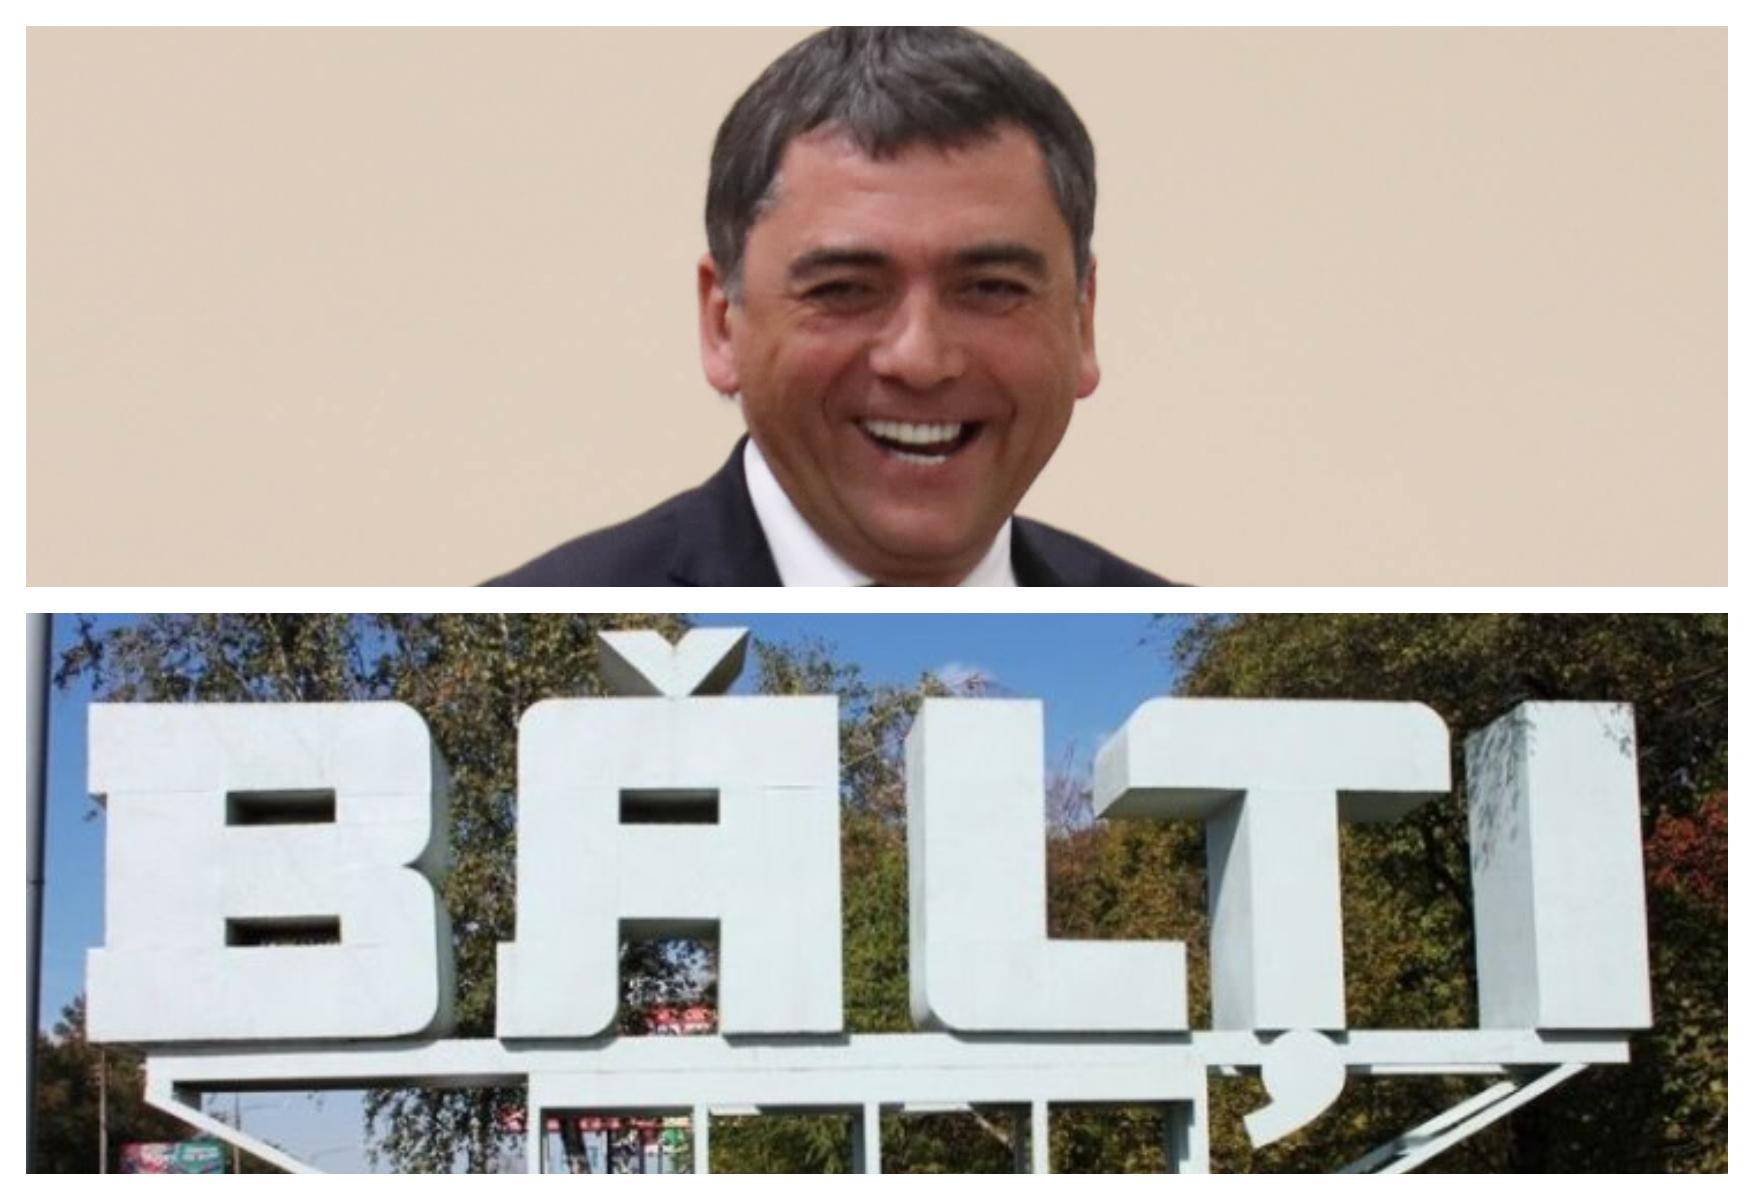 VIDEO | Cine-i omul care controlează din umbră orașul Bălți? Un businessman sparge tăcerea